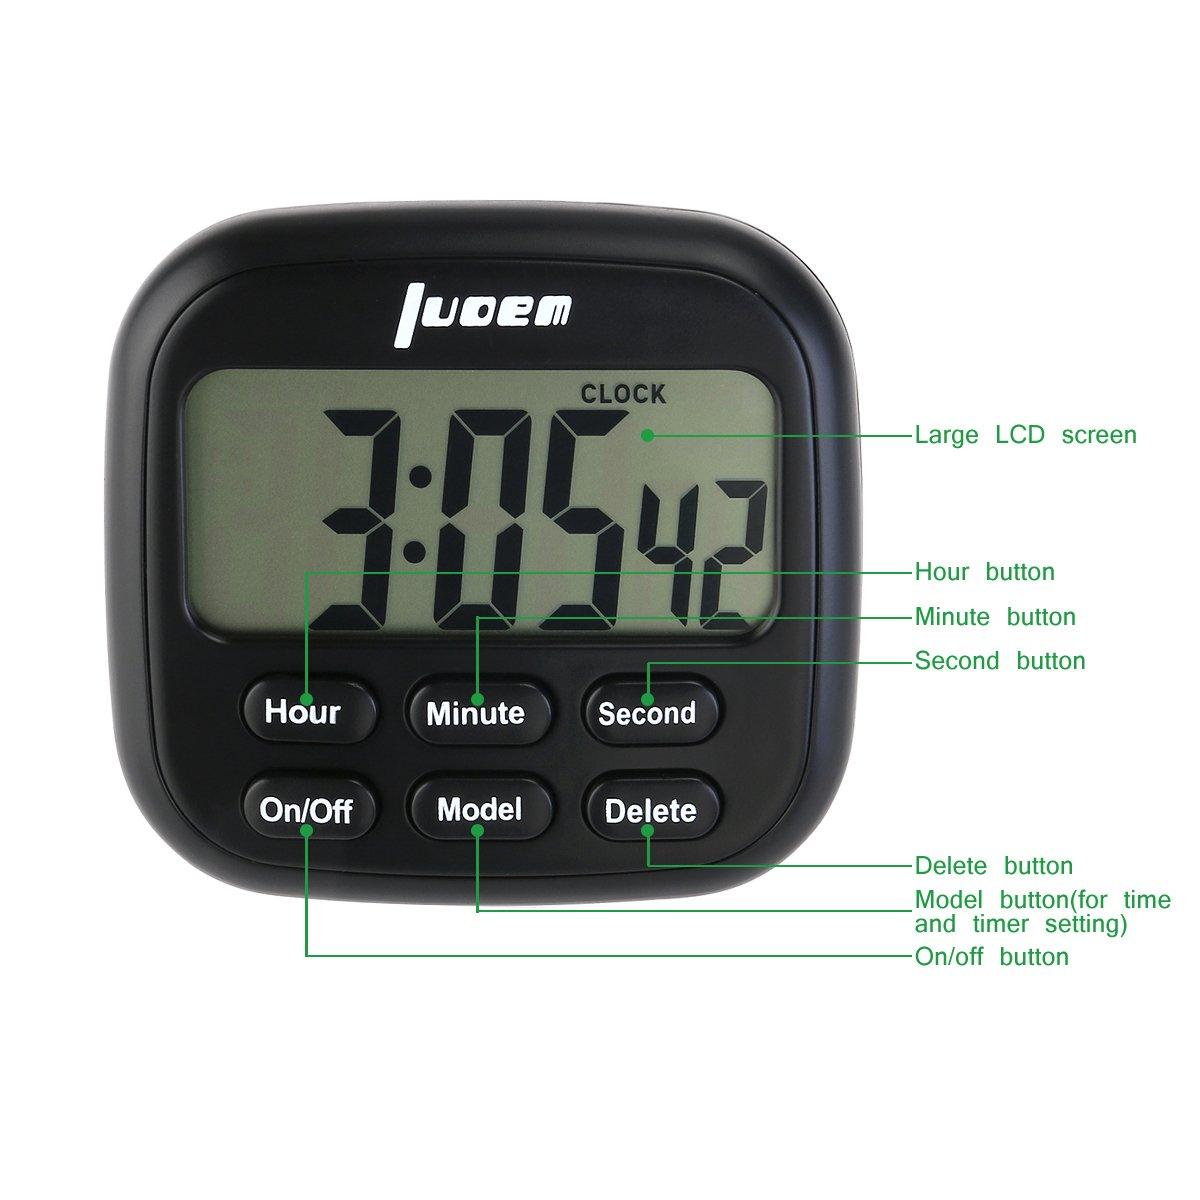 LOREM Temporizador de Cocina Magnético Digital 24 horas Cocina Reloj con gran Pantalla LCD Alarma Temporizador de Timbre alto: Amazon.es: Bricolaje y ...